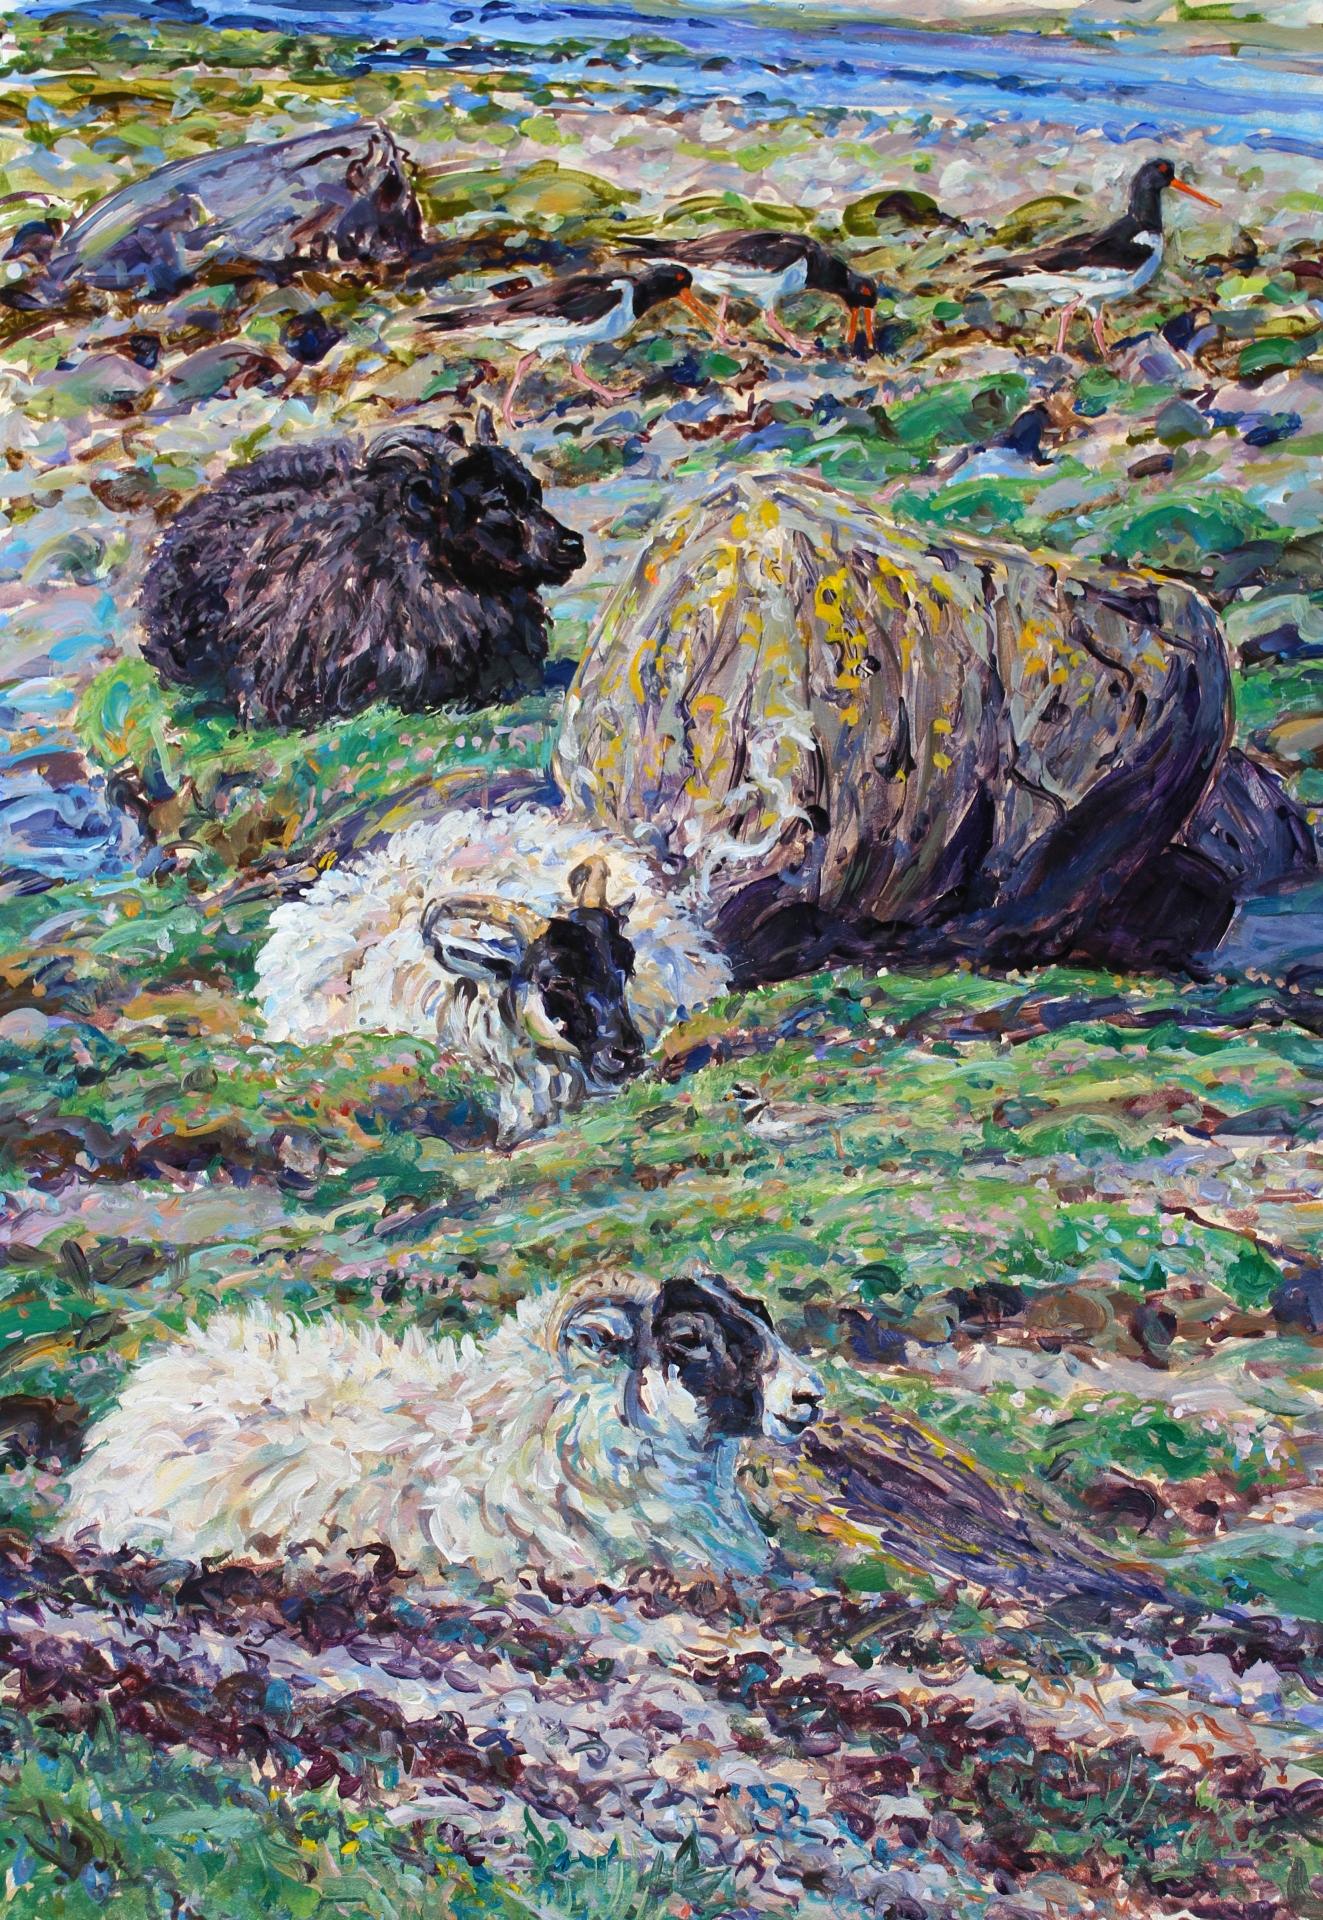 Shore sheep and Waders, Mull